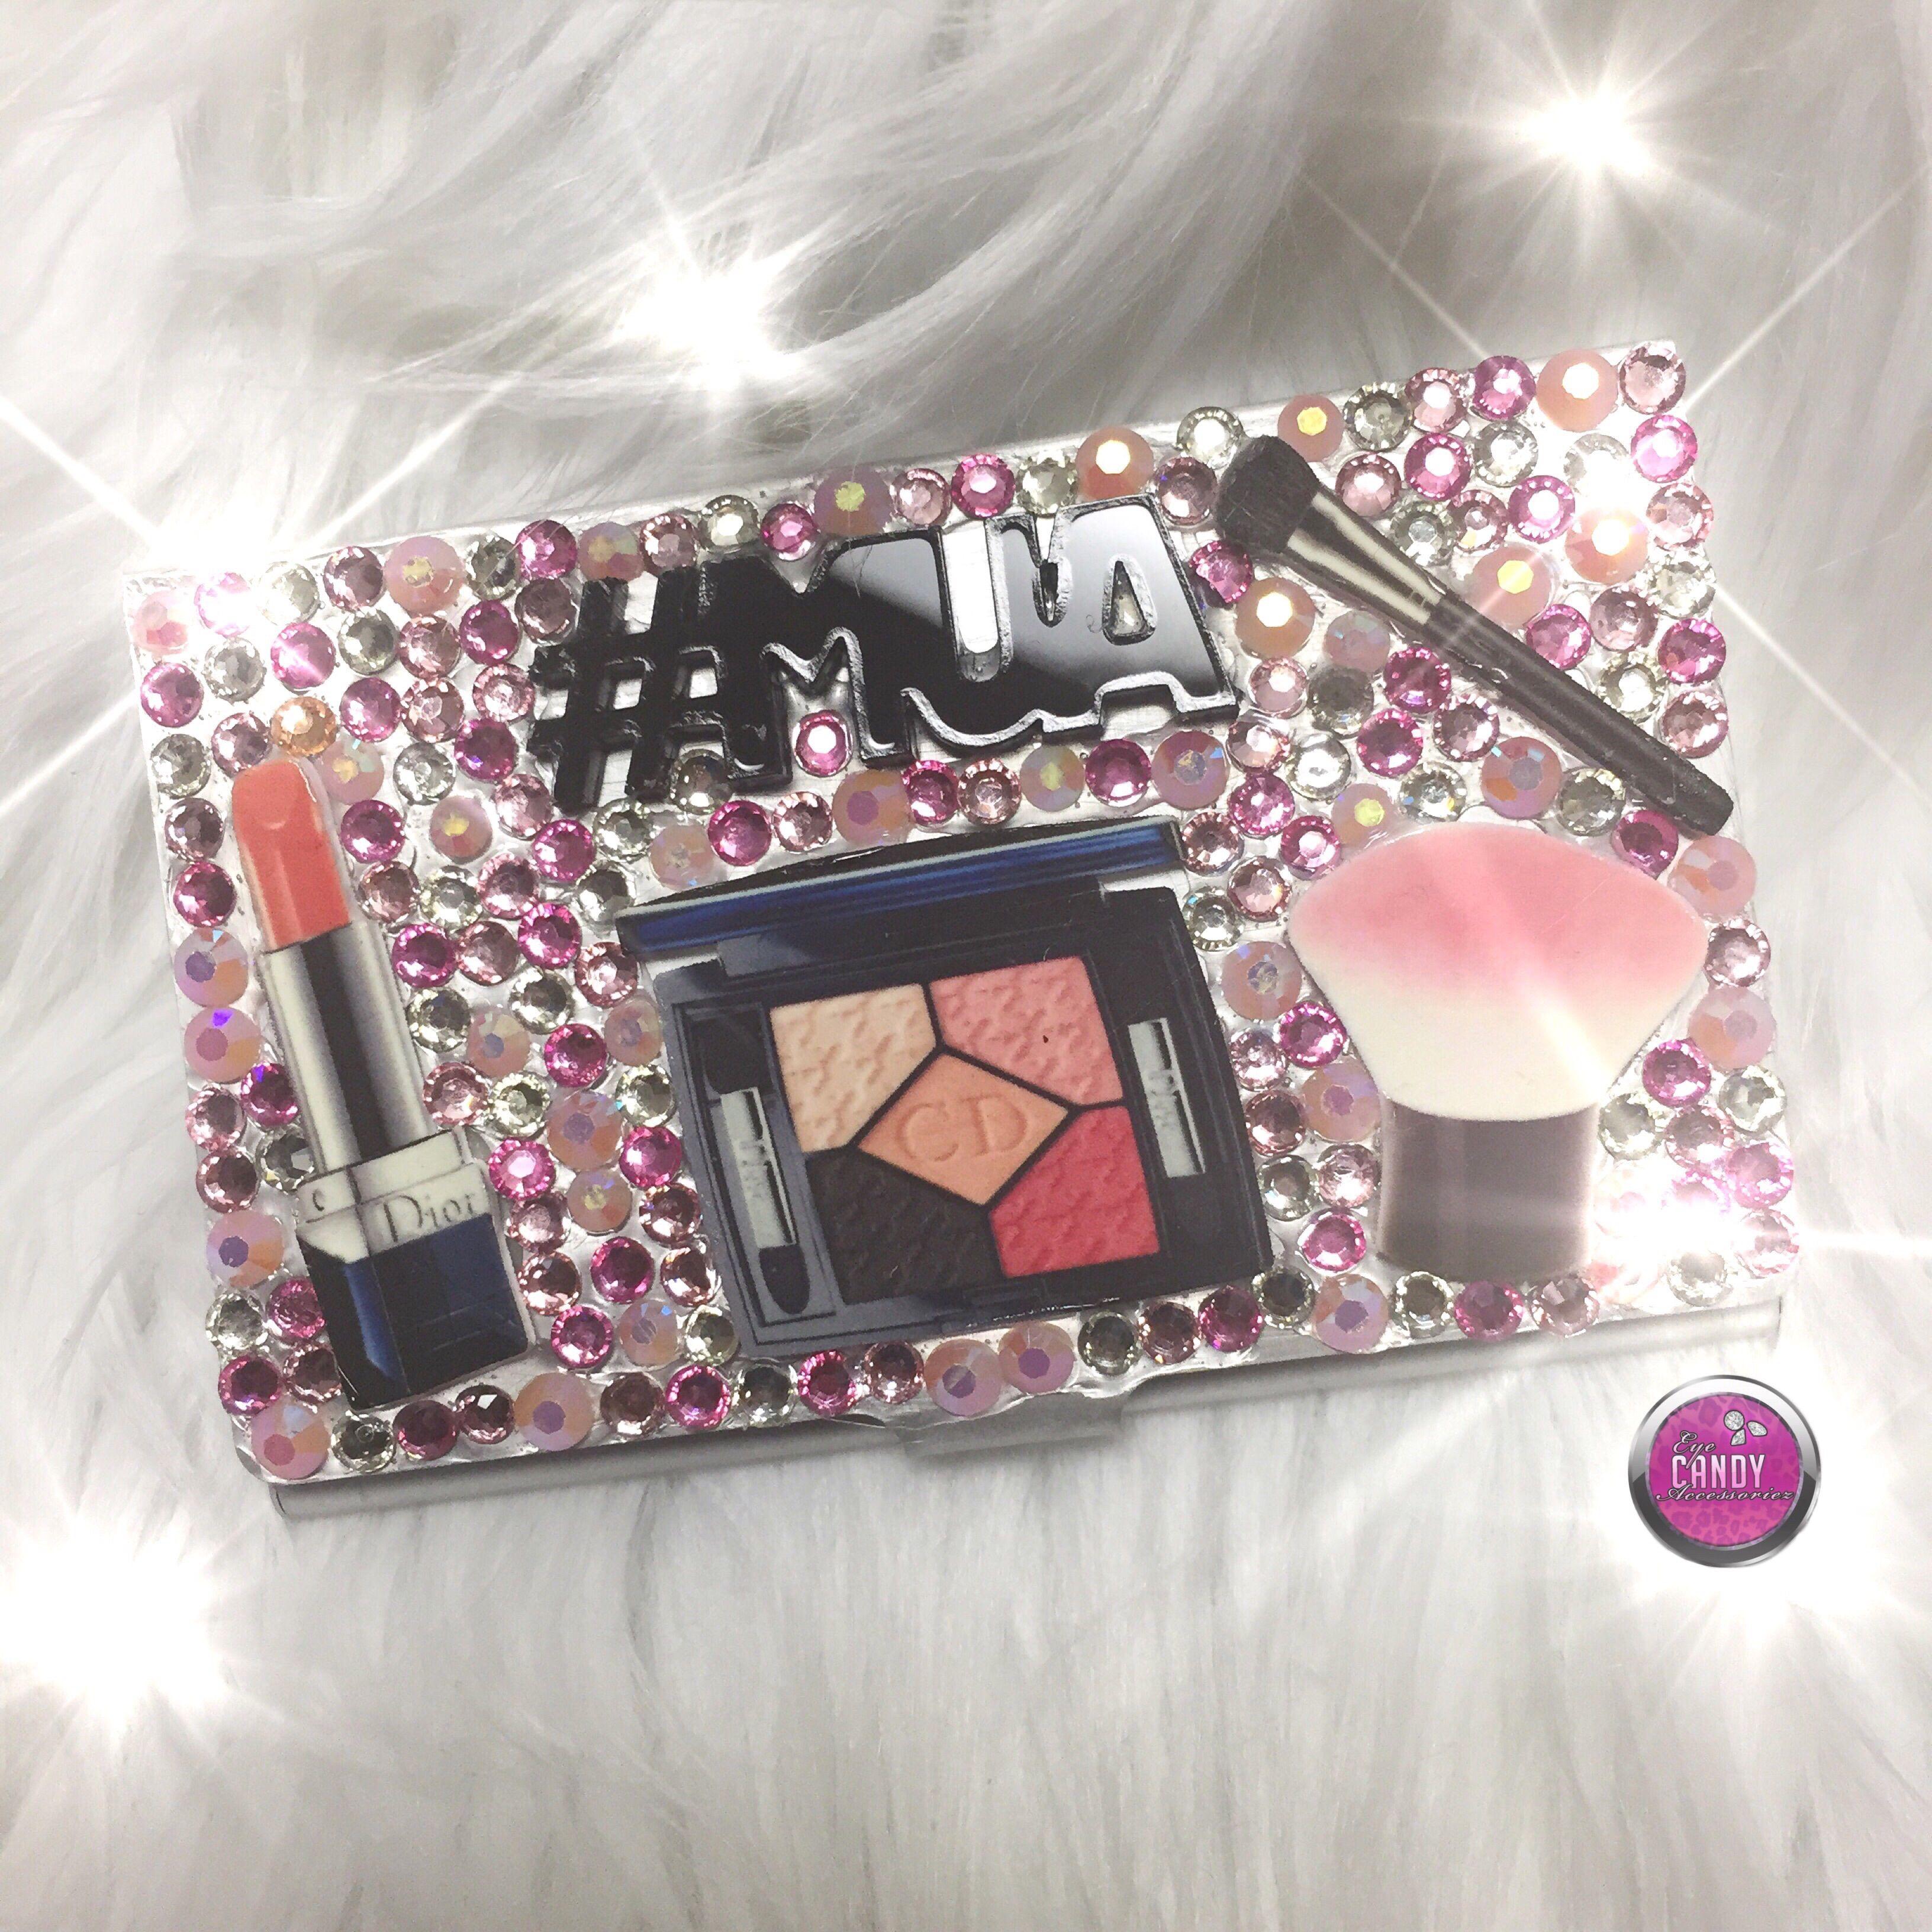 Handmade Makeup Artist Theme Cute business card holder   Eye Candy ...